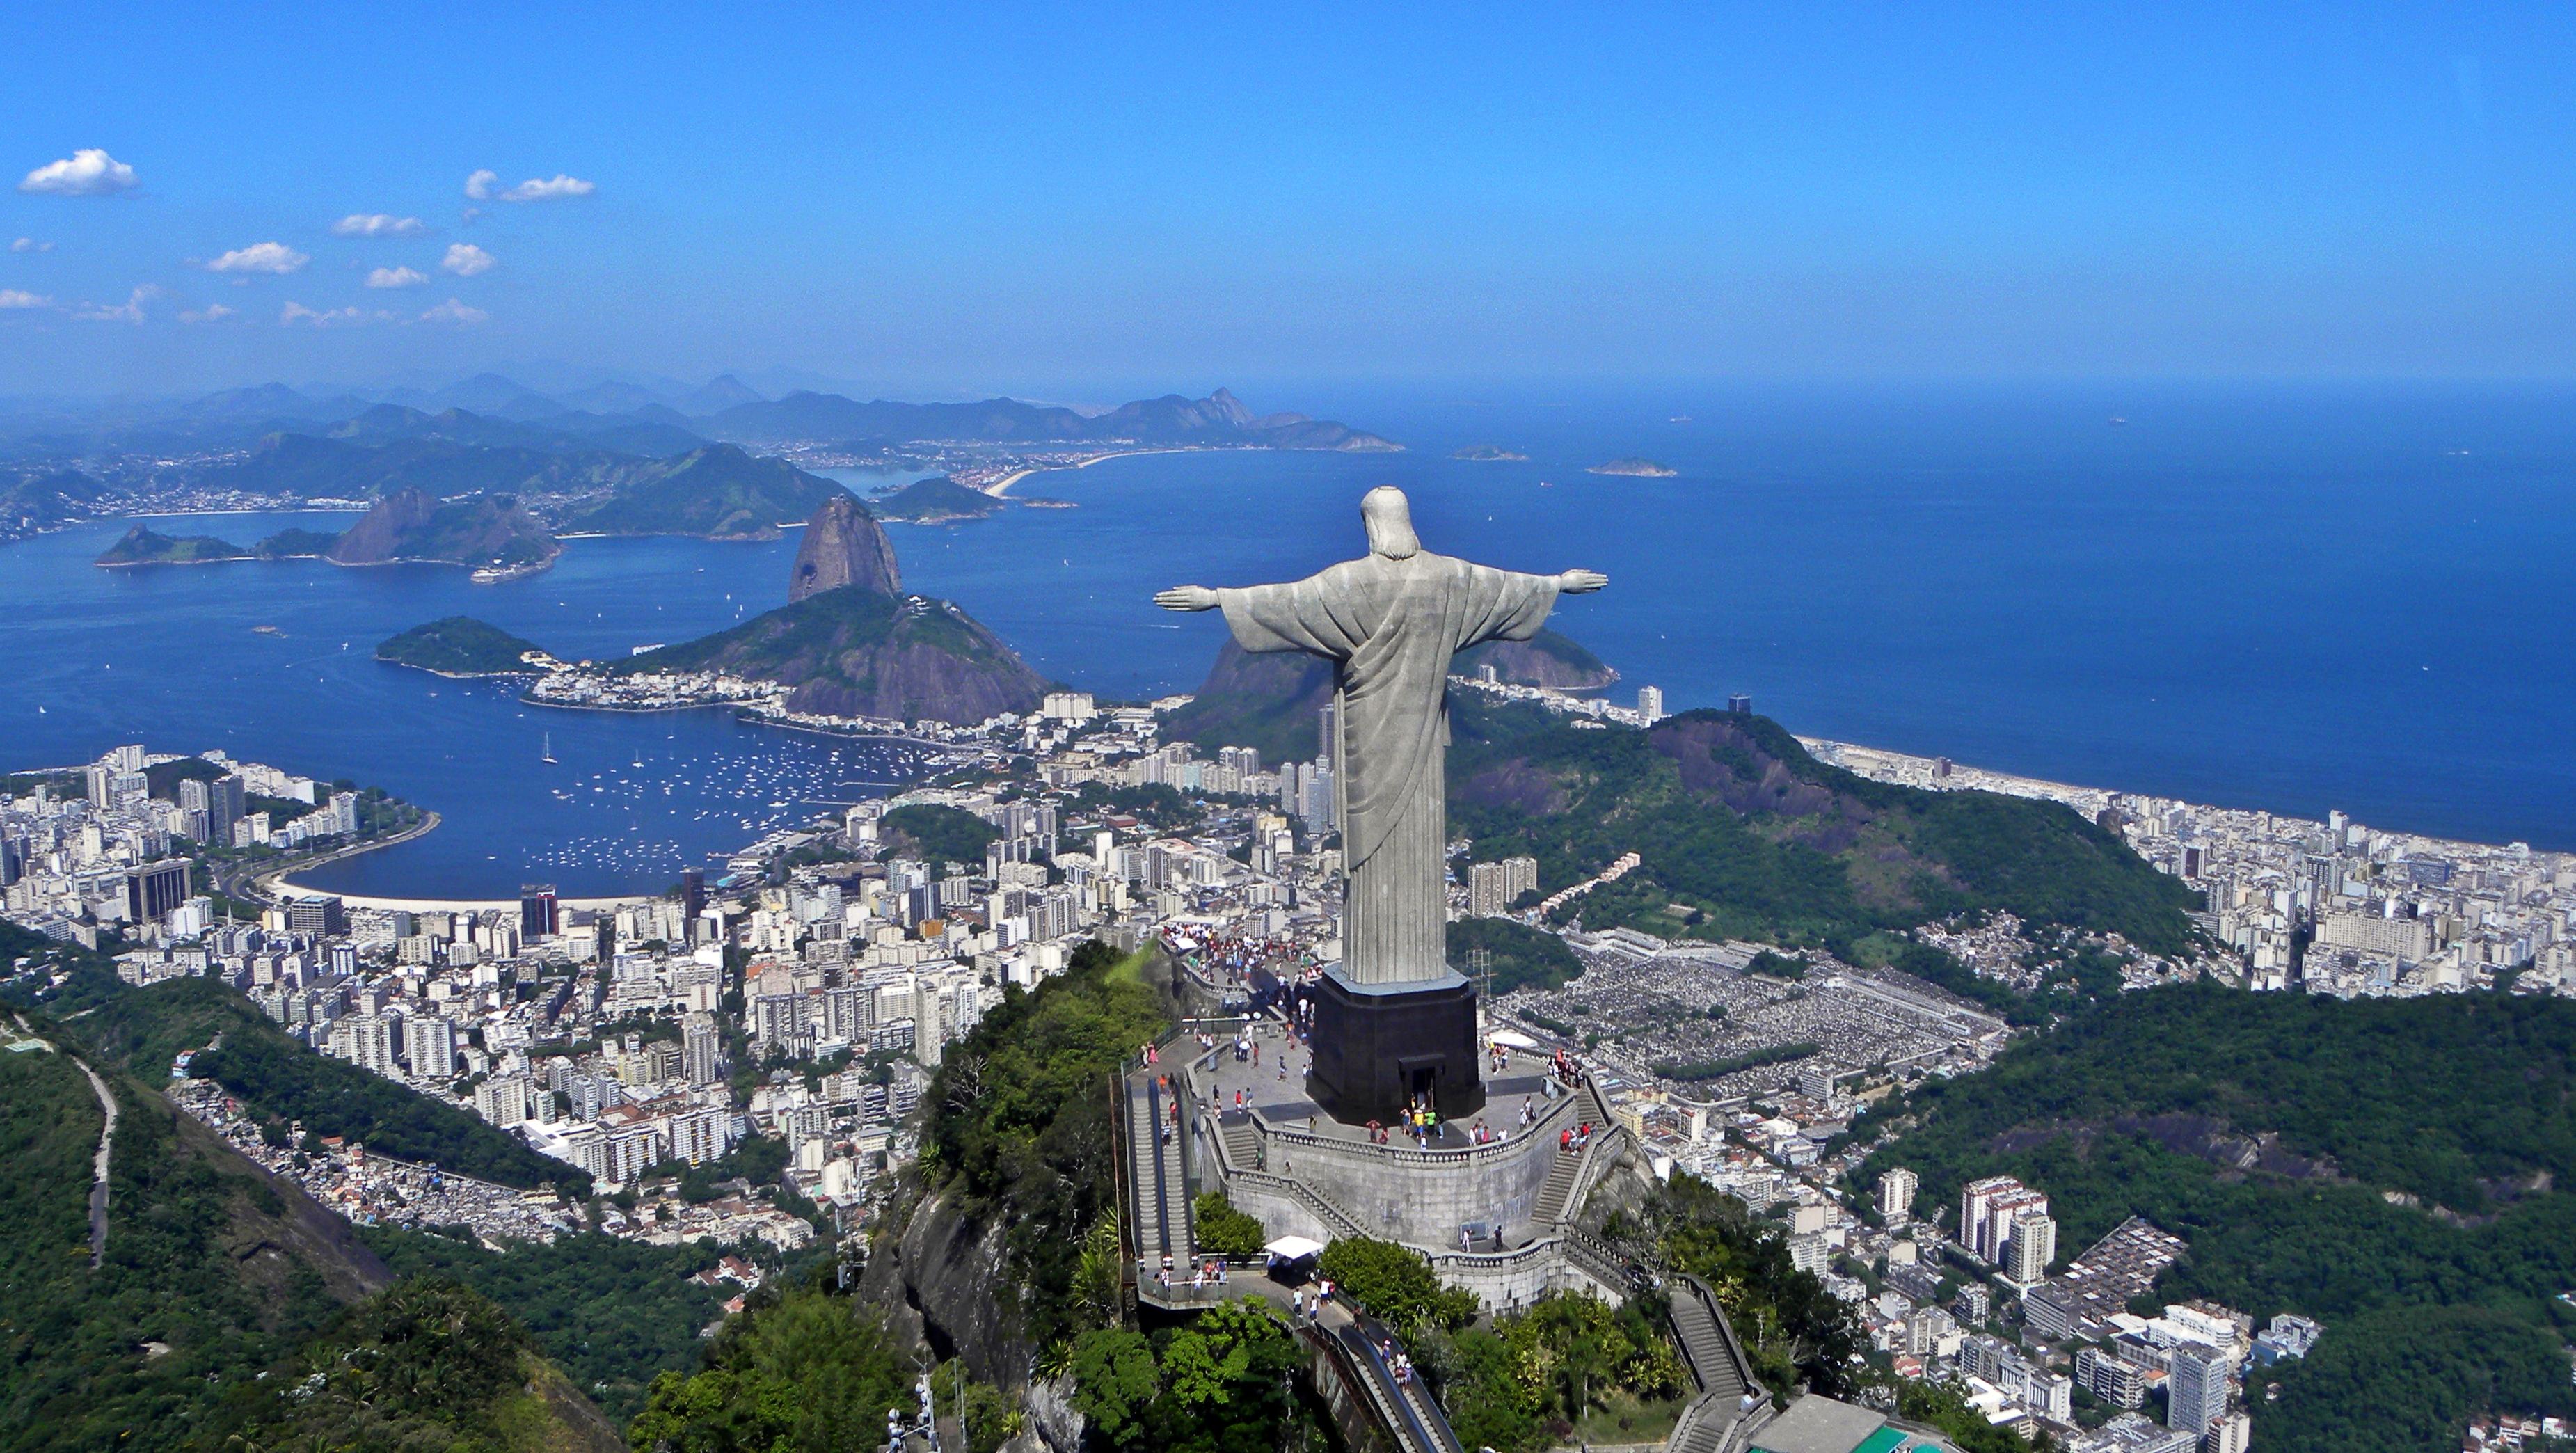 Assessoria de Imprensa Rio de Janeiro